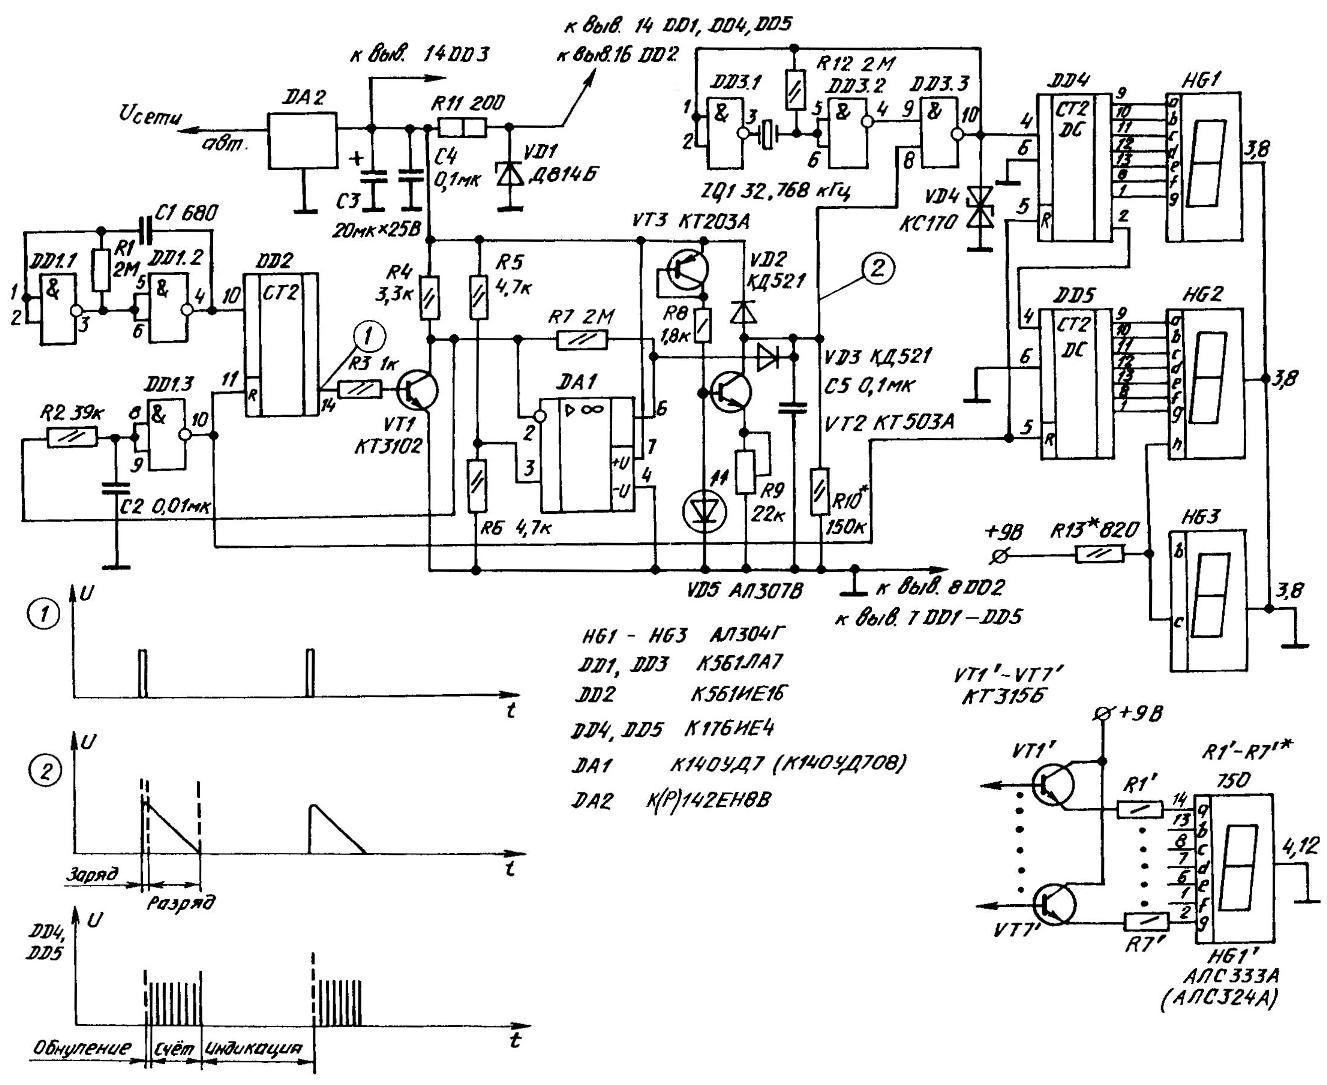 Принципиальная электрическая схема, эпюры напряжений в контрольных точках, печатная плата и монтируемые на ней радиодетали самодельного цифрового вольтметра, цоколевка индикатора АЛ304Г, а также доработка при переводе прибора на более мощные линейные шкалы